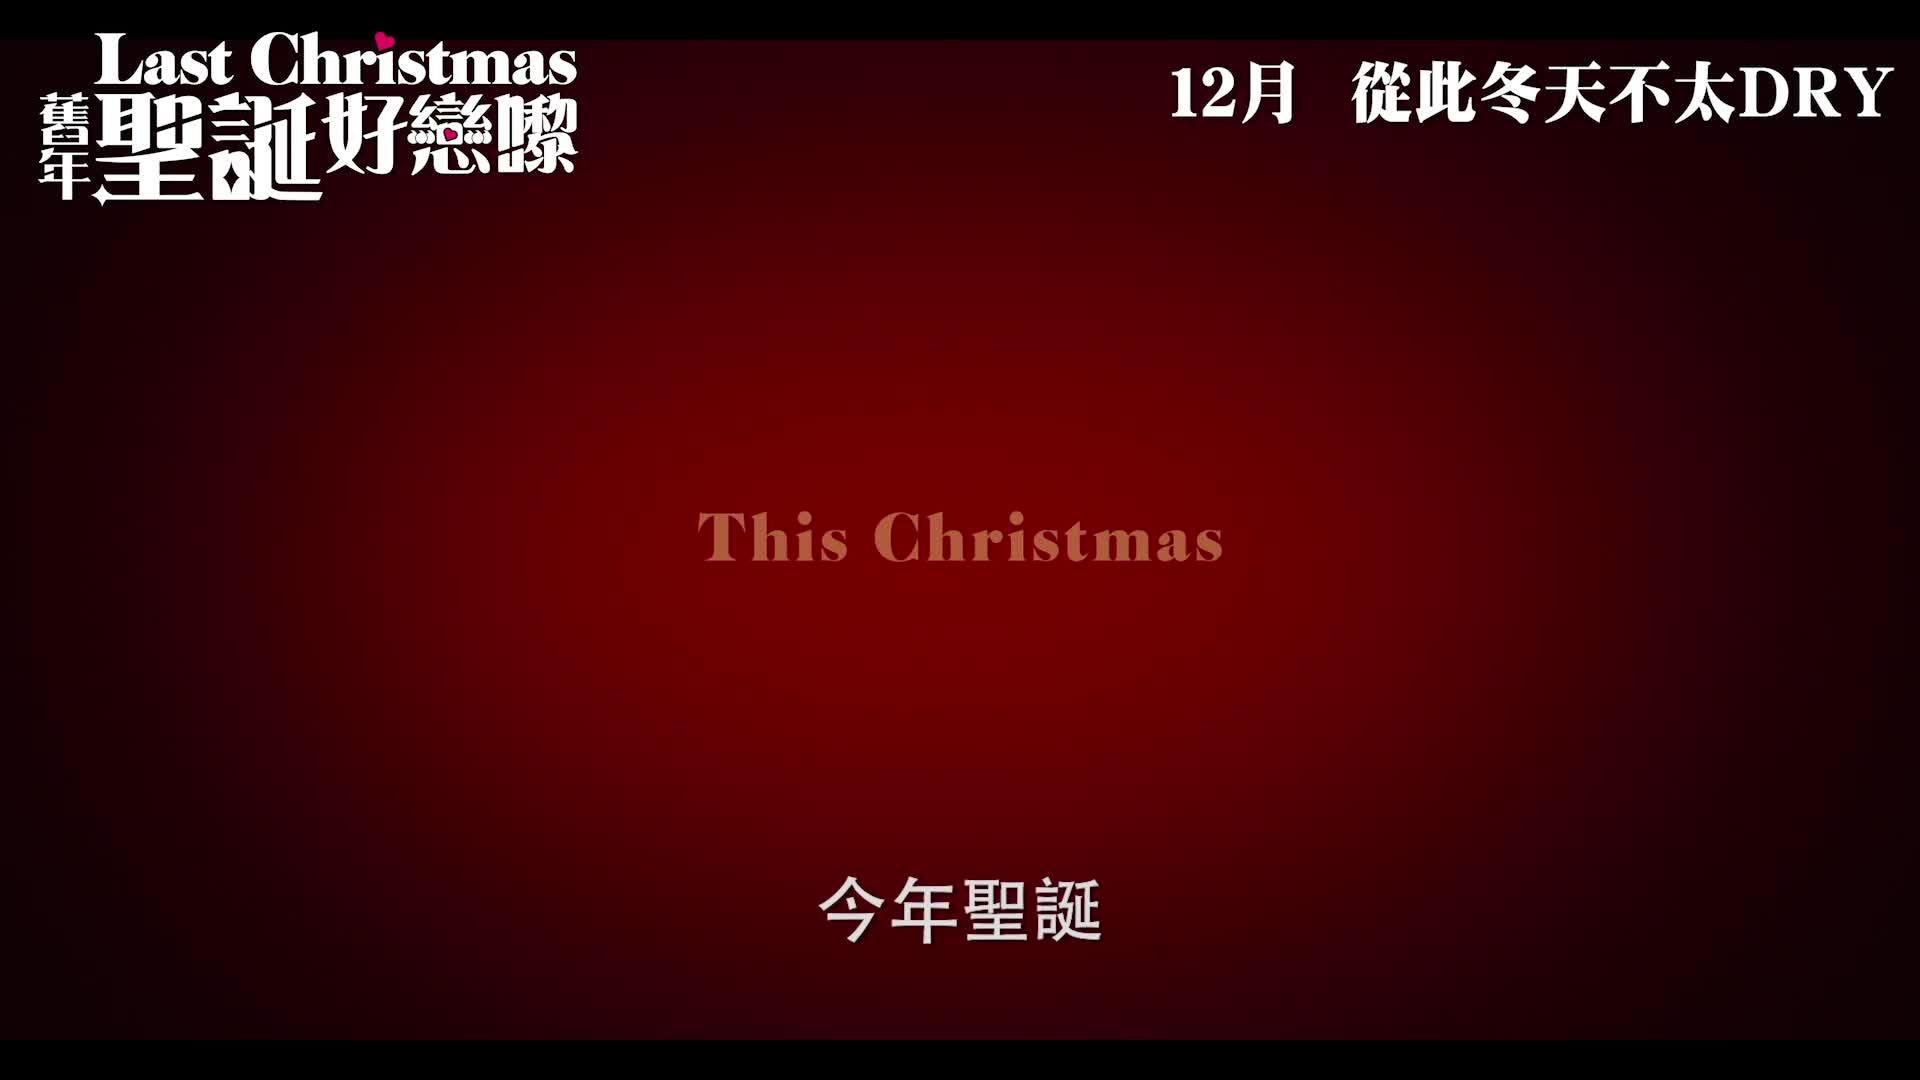 《舊年聖誕好戀嚟》電影預告